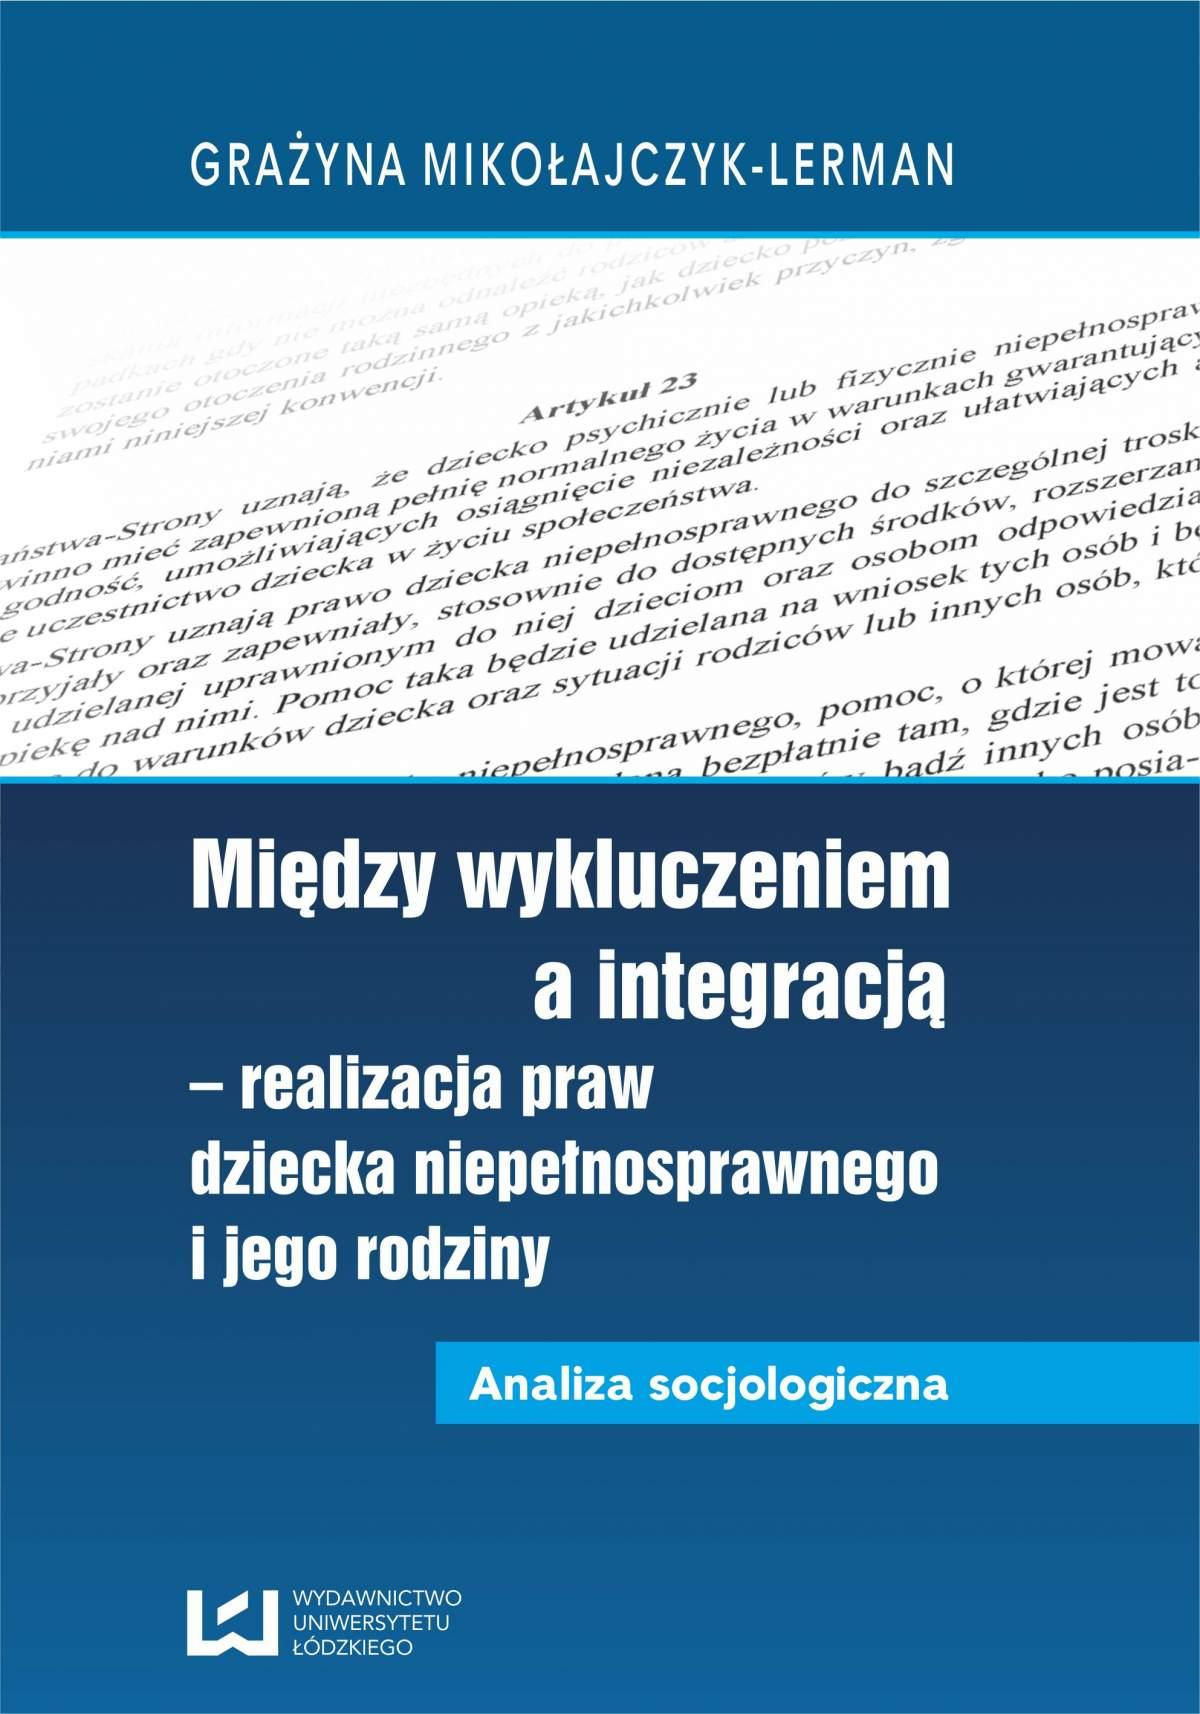 Między wykluczeniem a integracją - realizacja praw dziecka niepełnosprawnego i jego rodziny. Analiza socjologiczna - Ebook (Książka PDF) do pobrania w formacie PDF